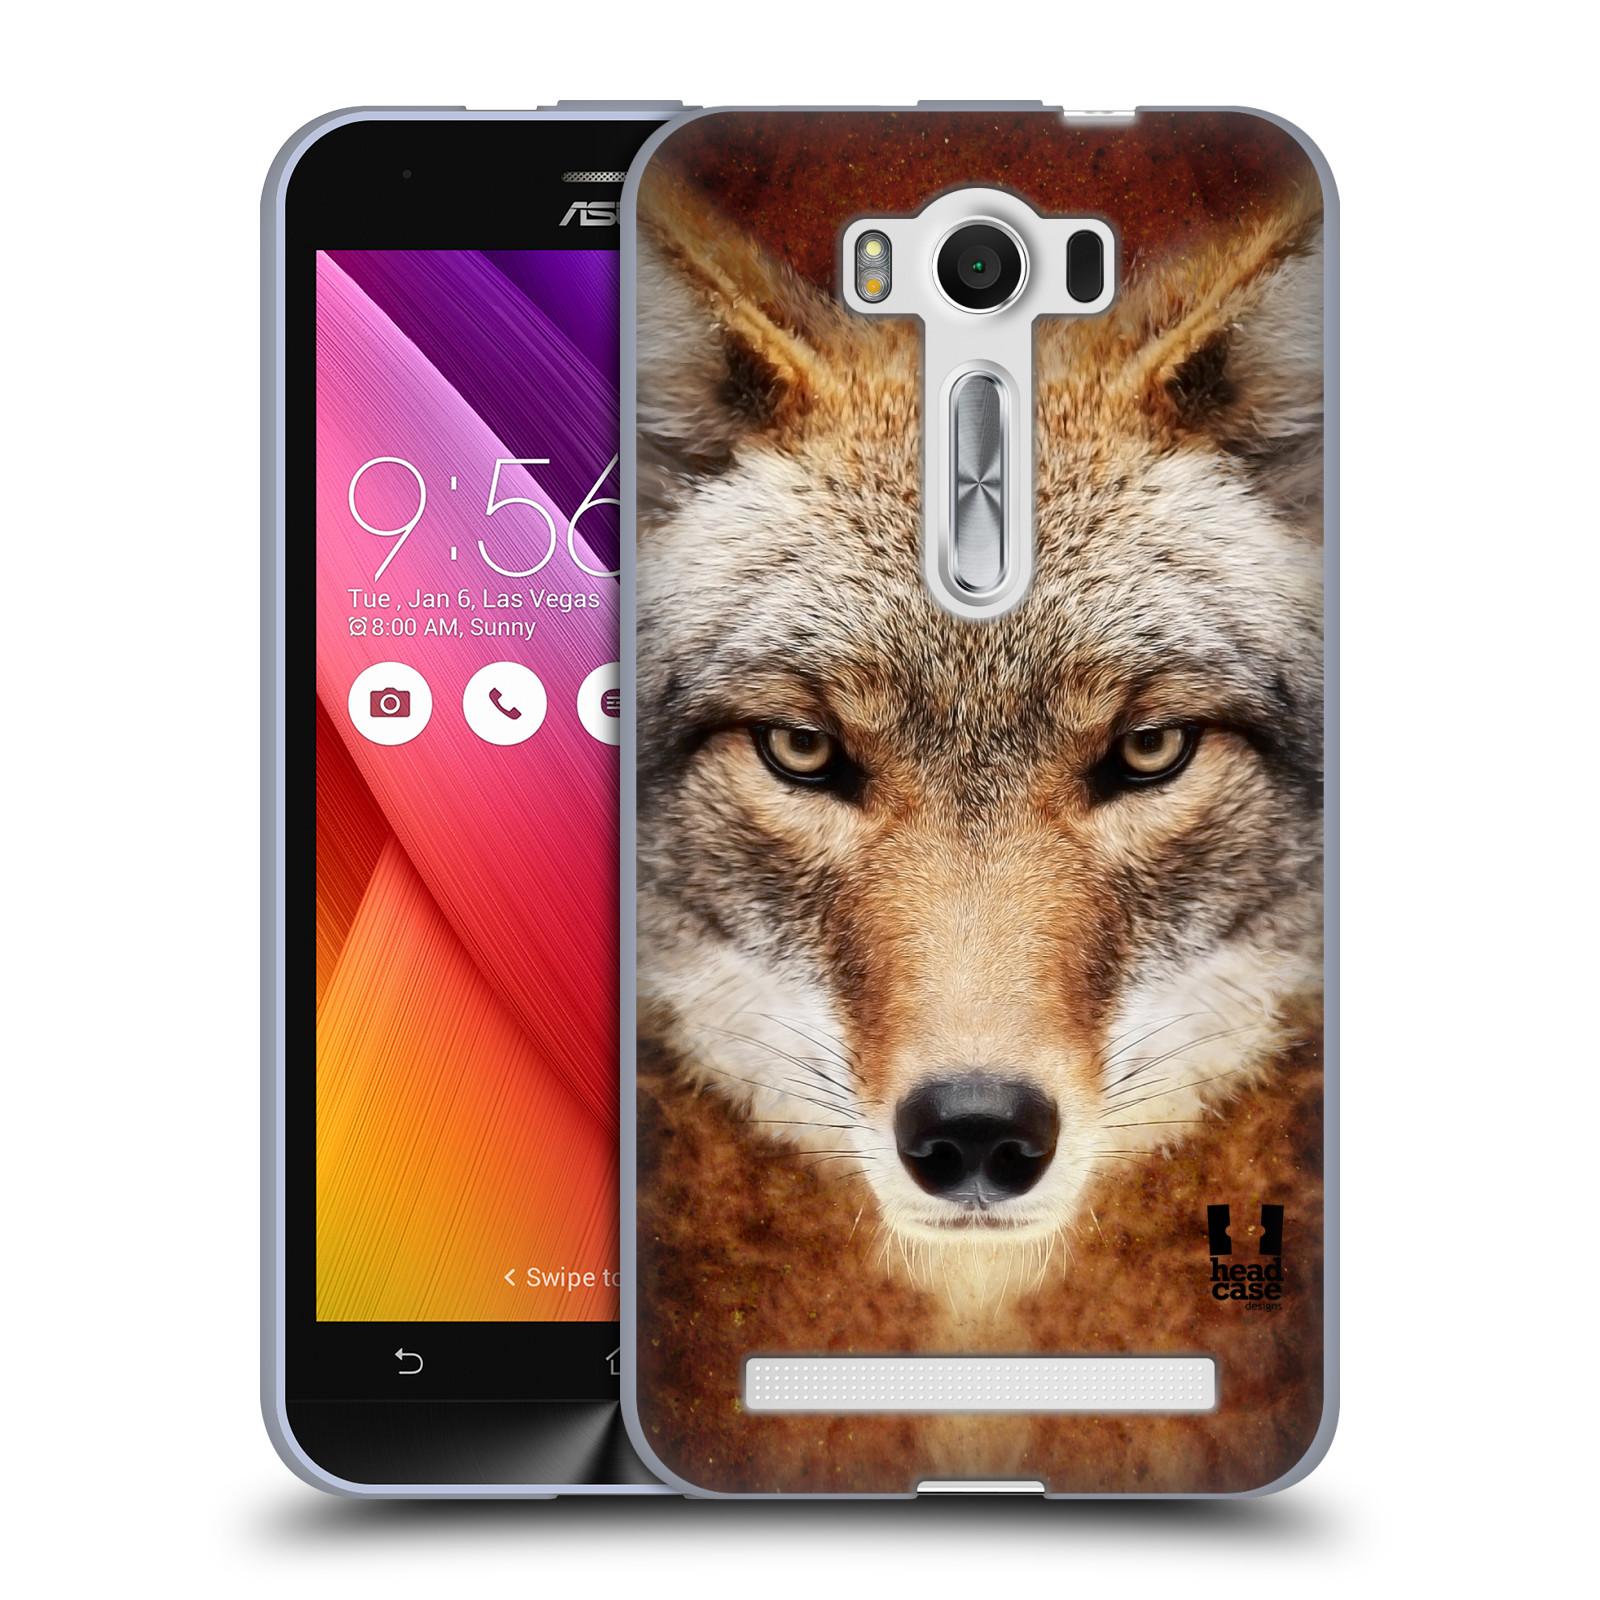 """HEAD CASE silikonový obal na mobil Asus Zenfone 2 LASER (ZE500KL s 5"""" displejem) vzor Zvířecí tváře kojot"""